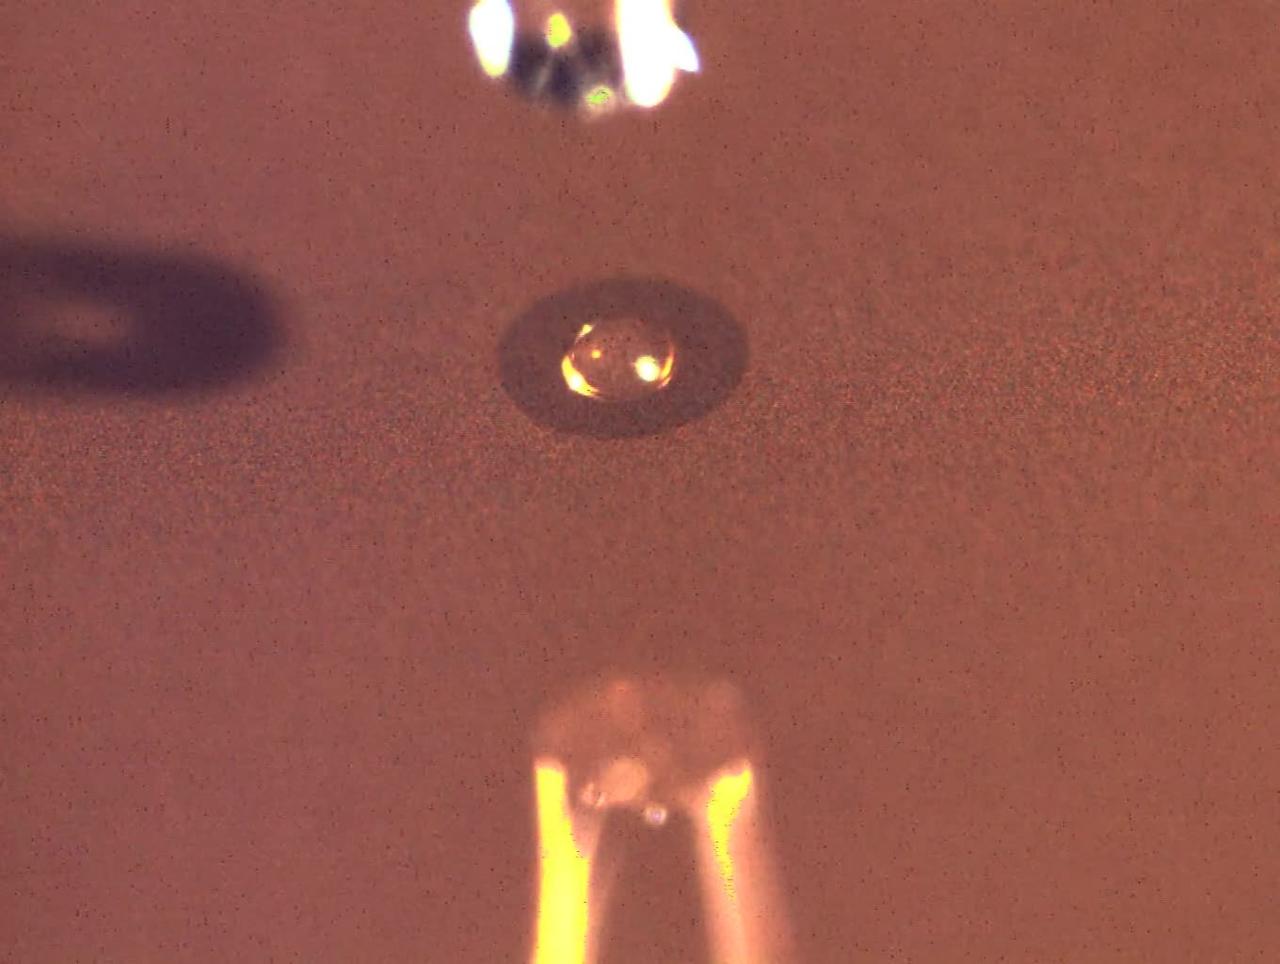 inkjet liquid deposit and drying on nanoporous gold